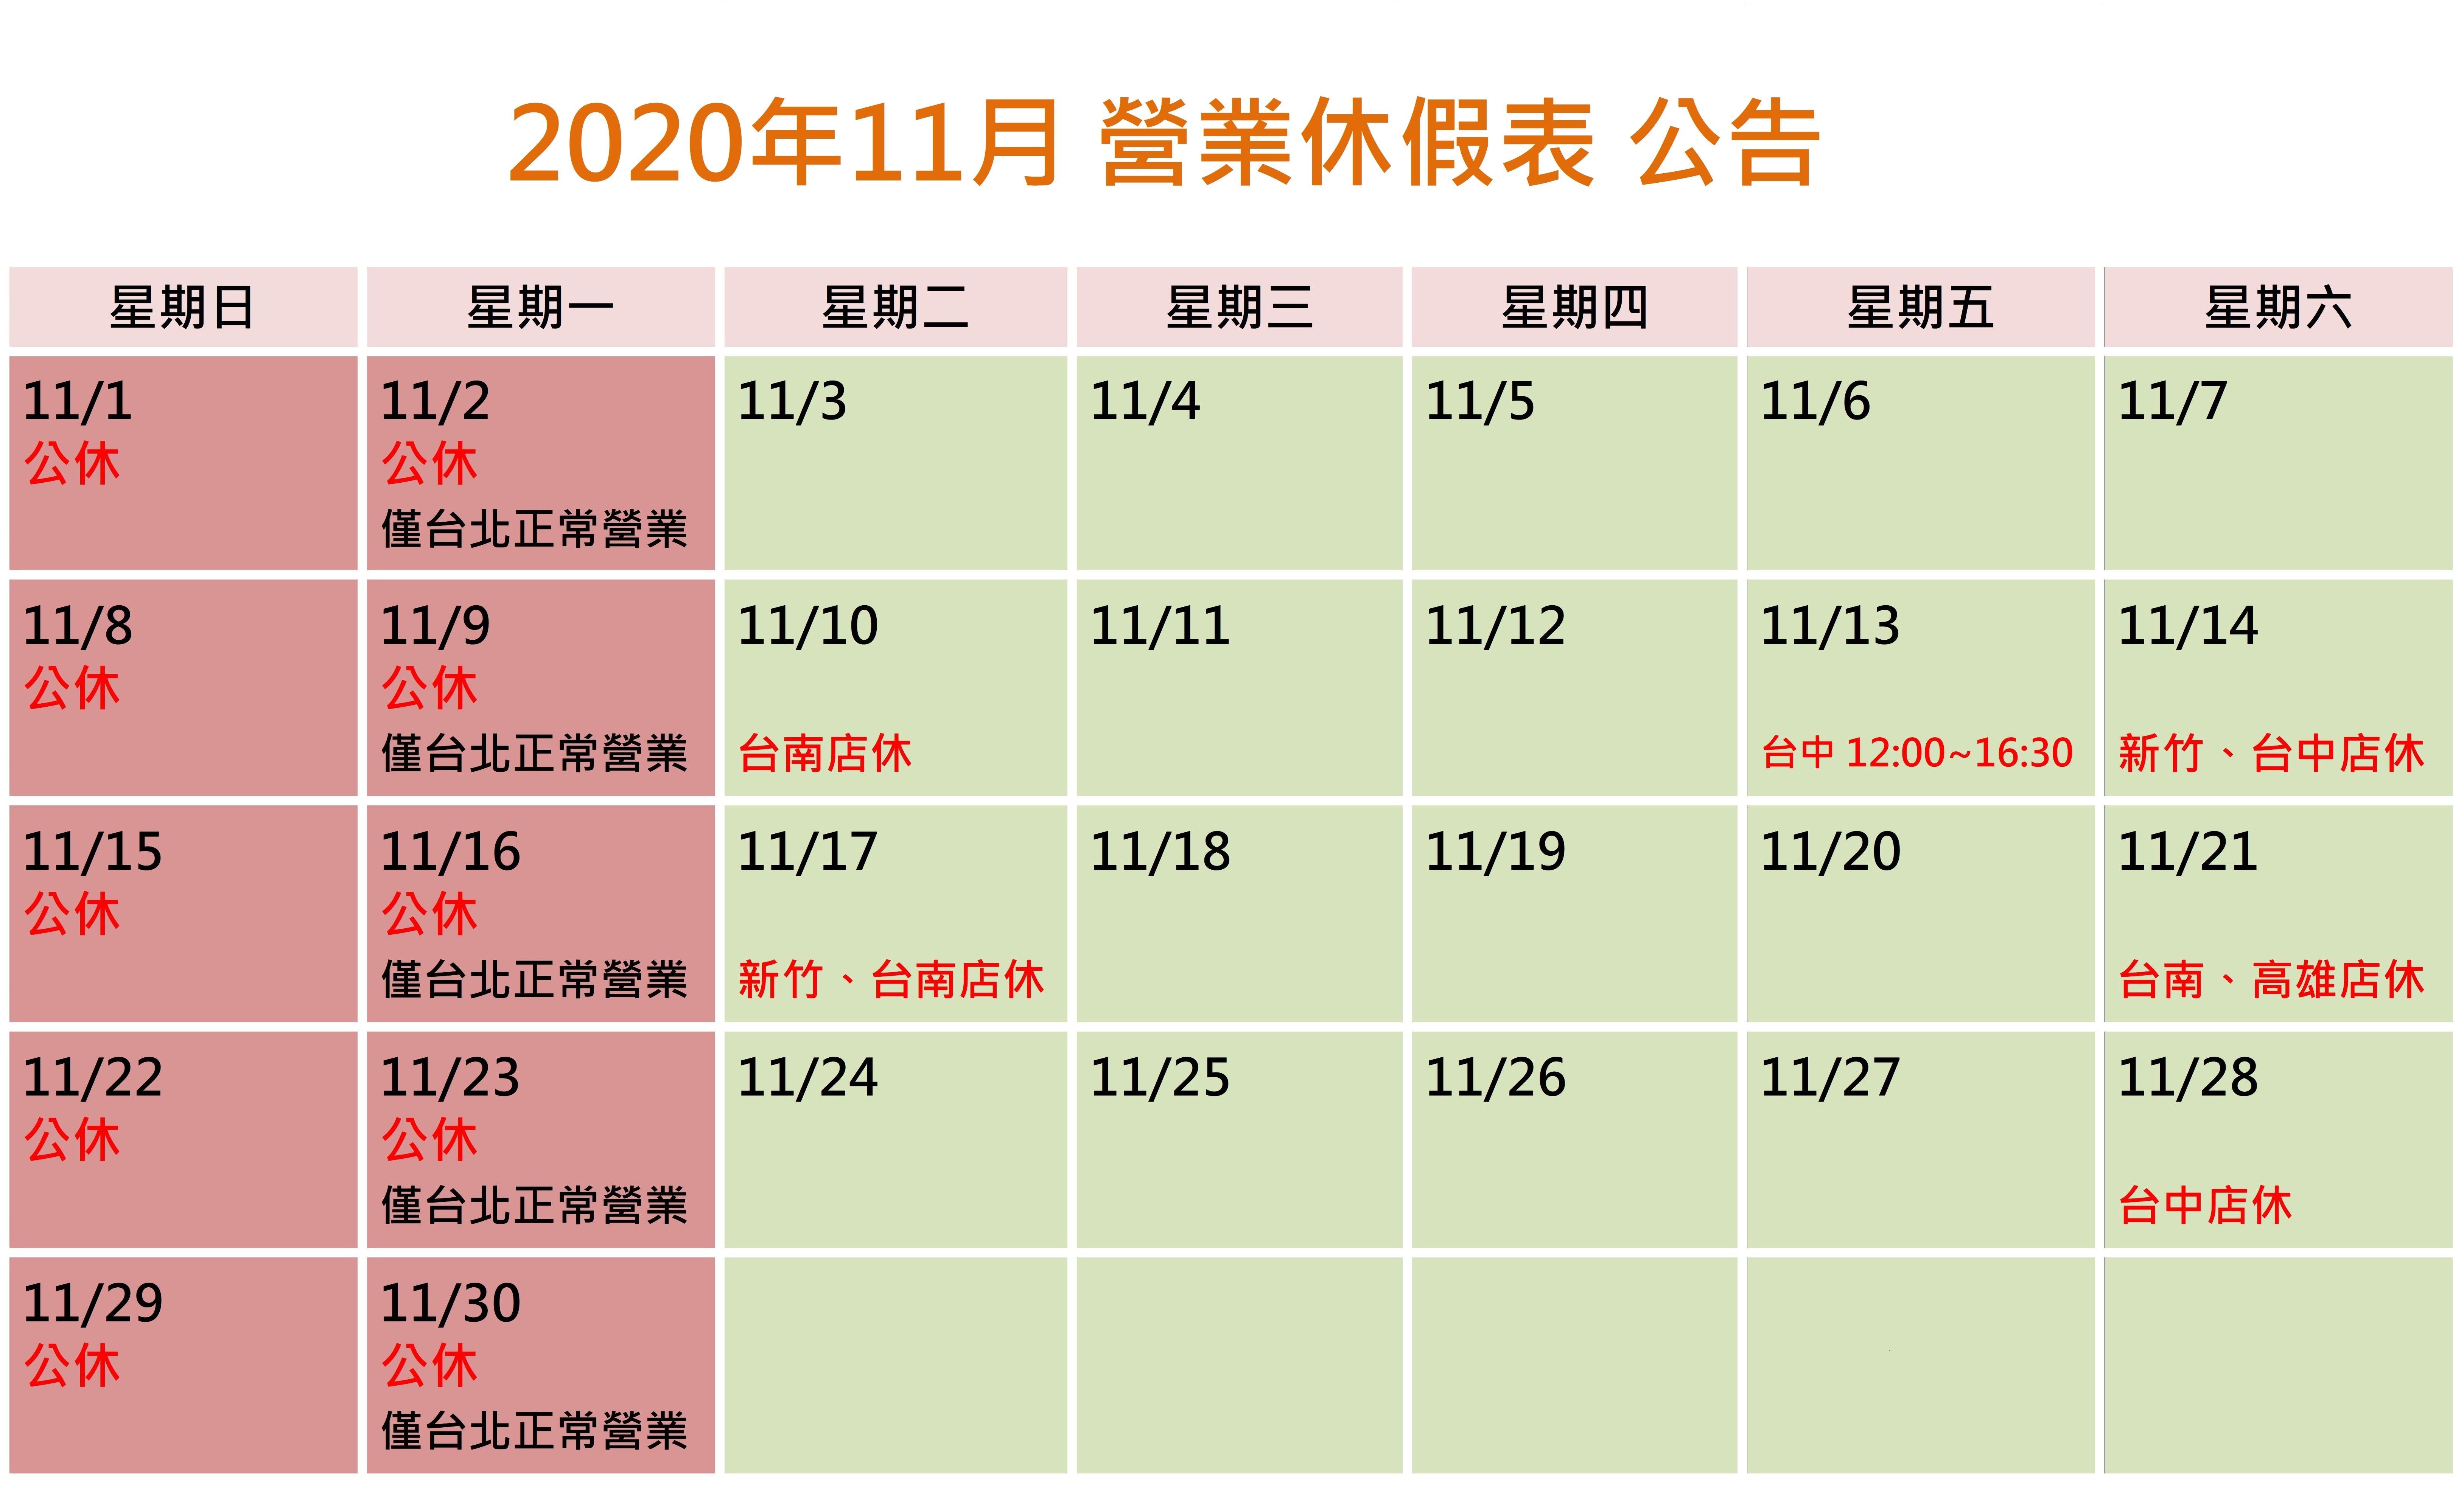 鴻宇光學門市11月營業休假日公告